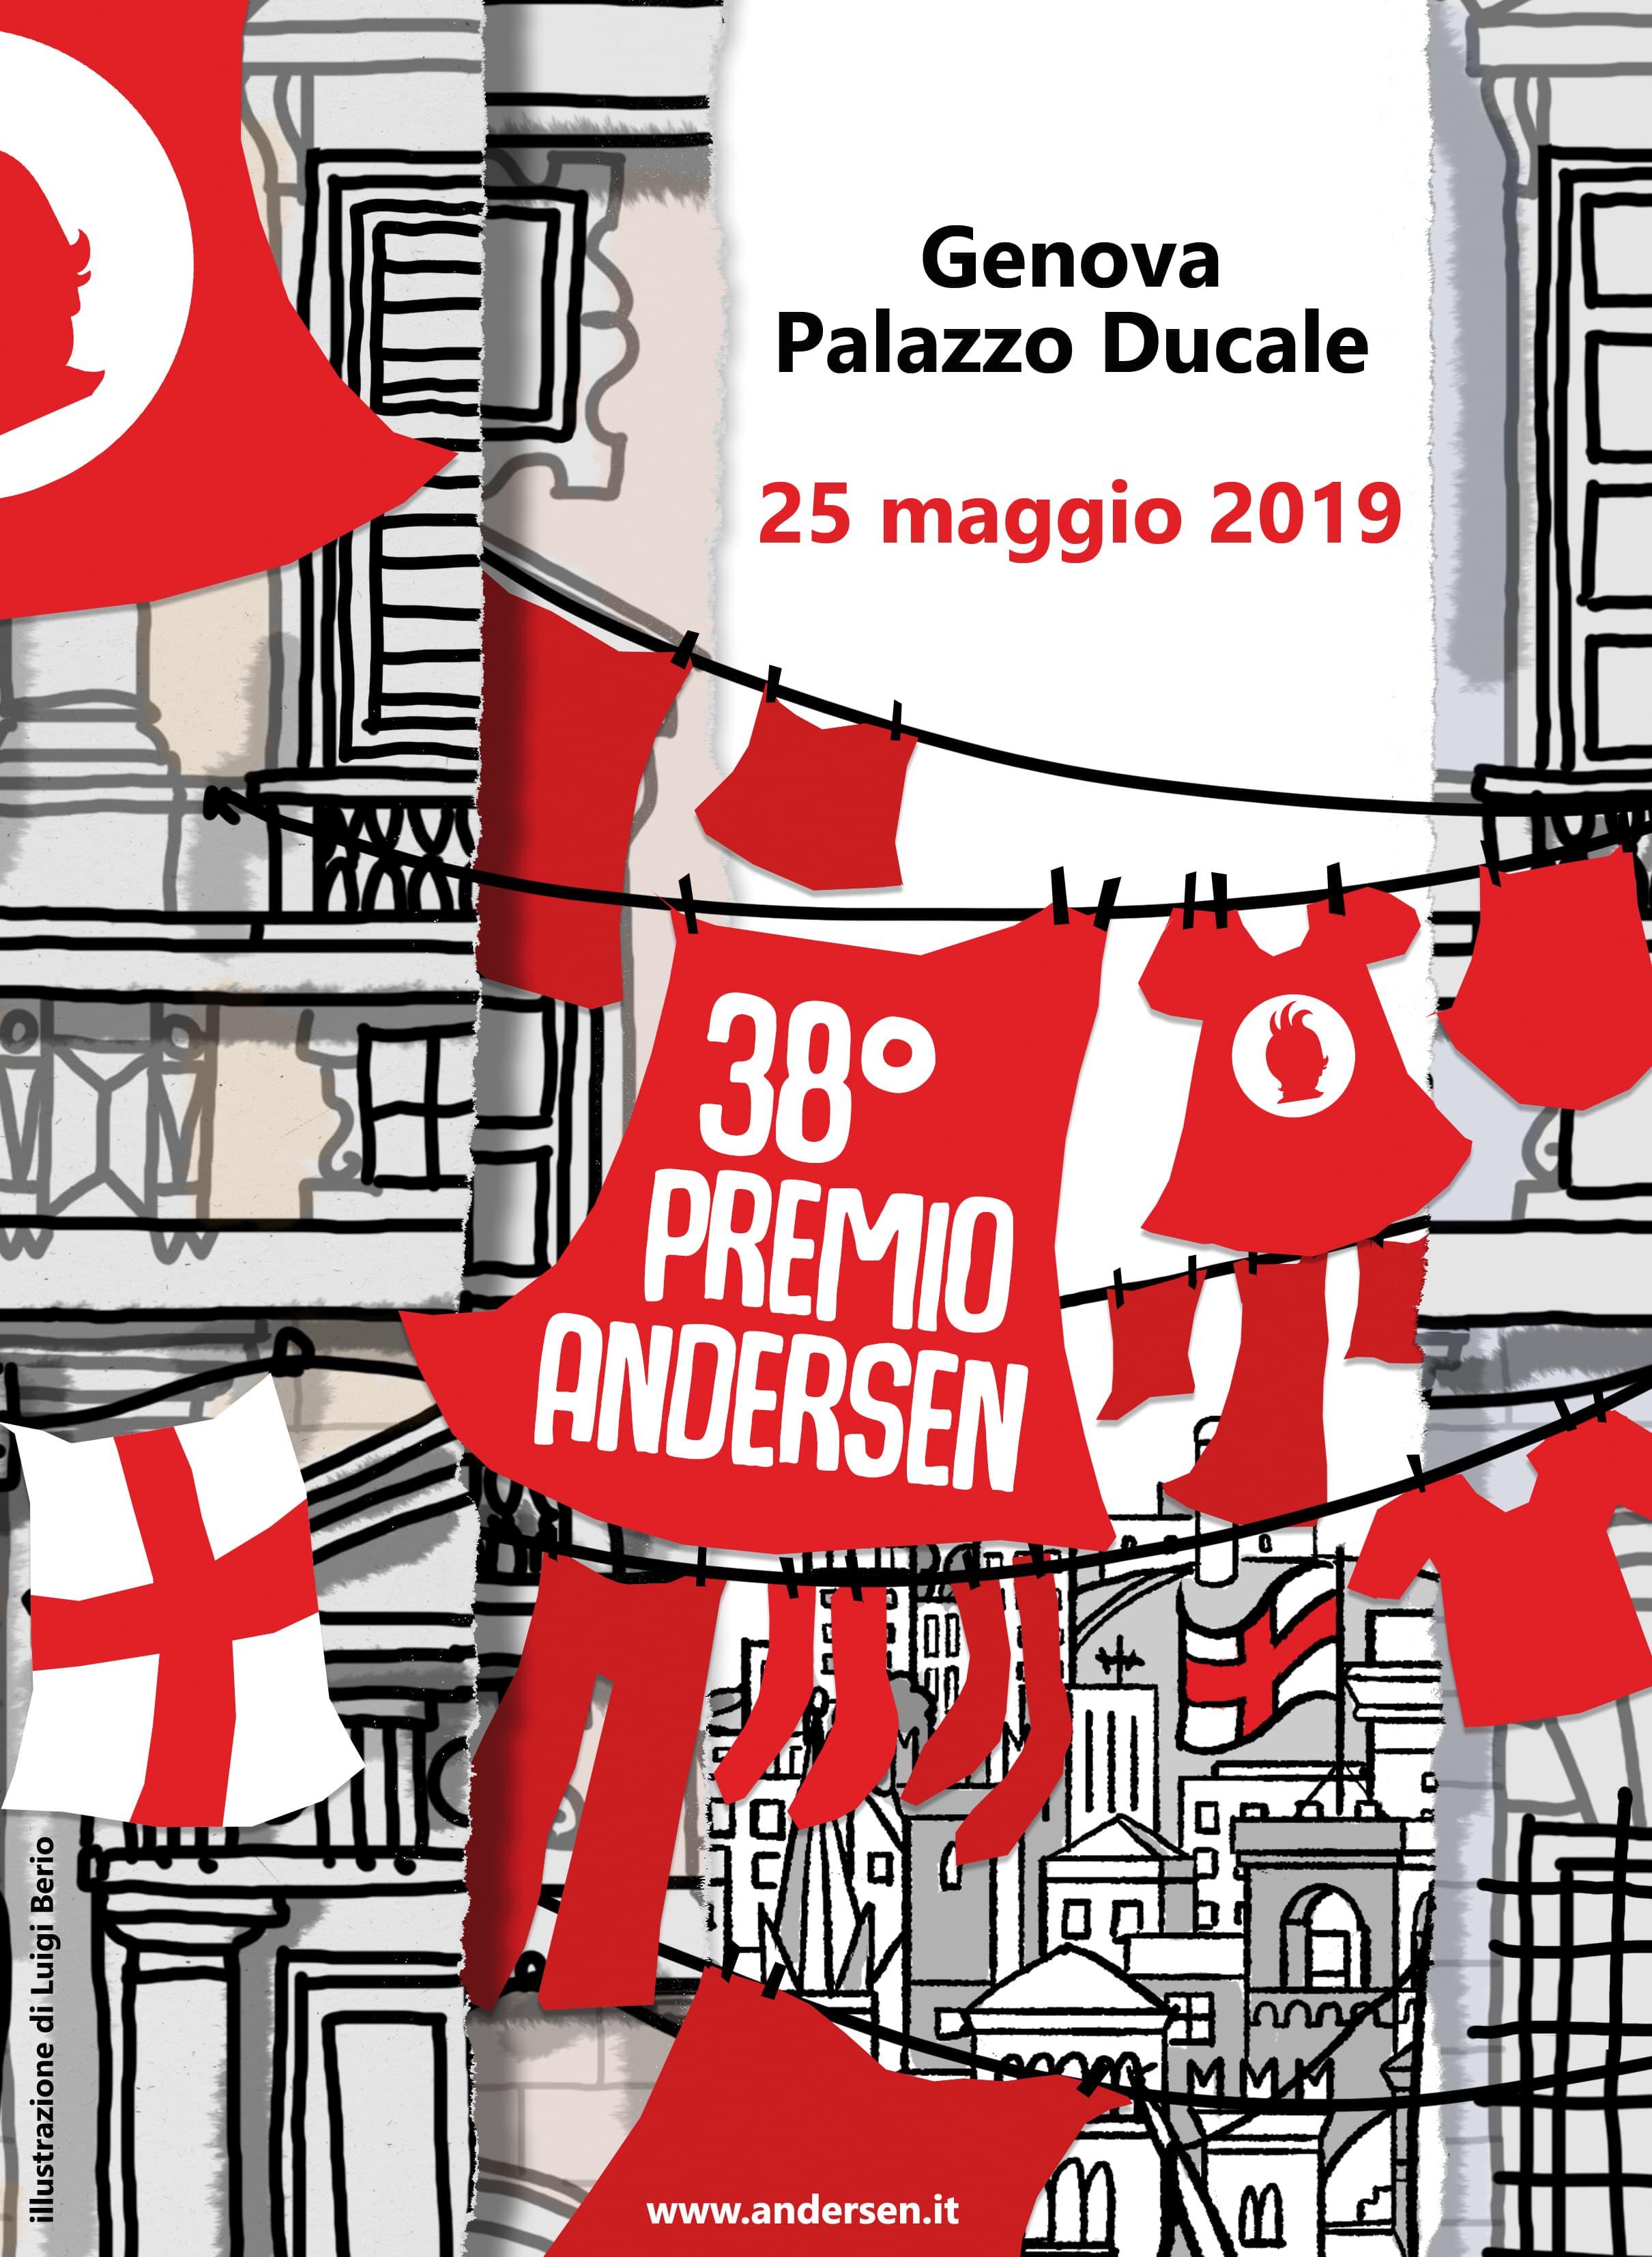 premio andersen 2019 (ill. di Luigi Berio)